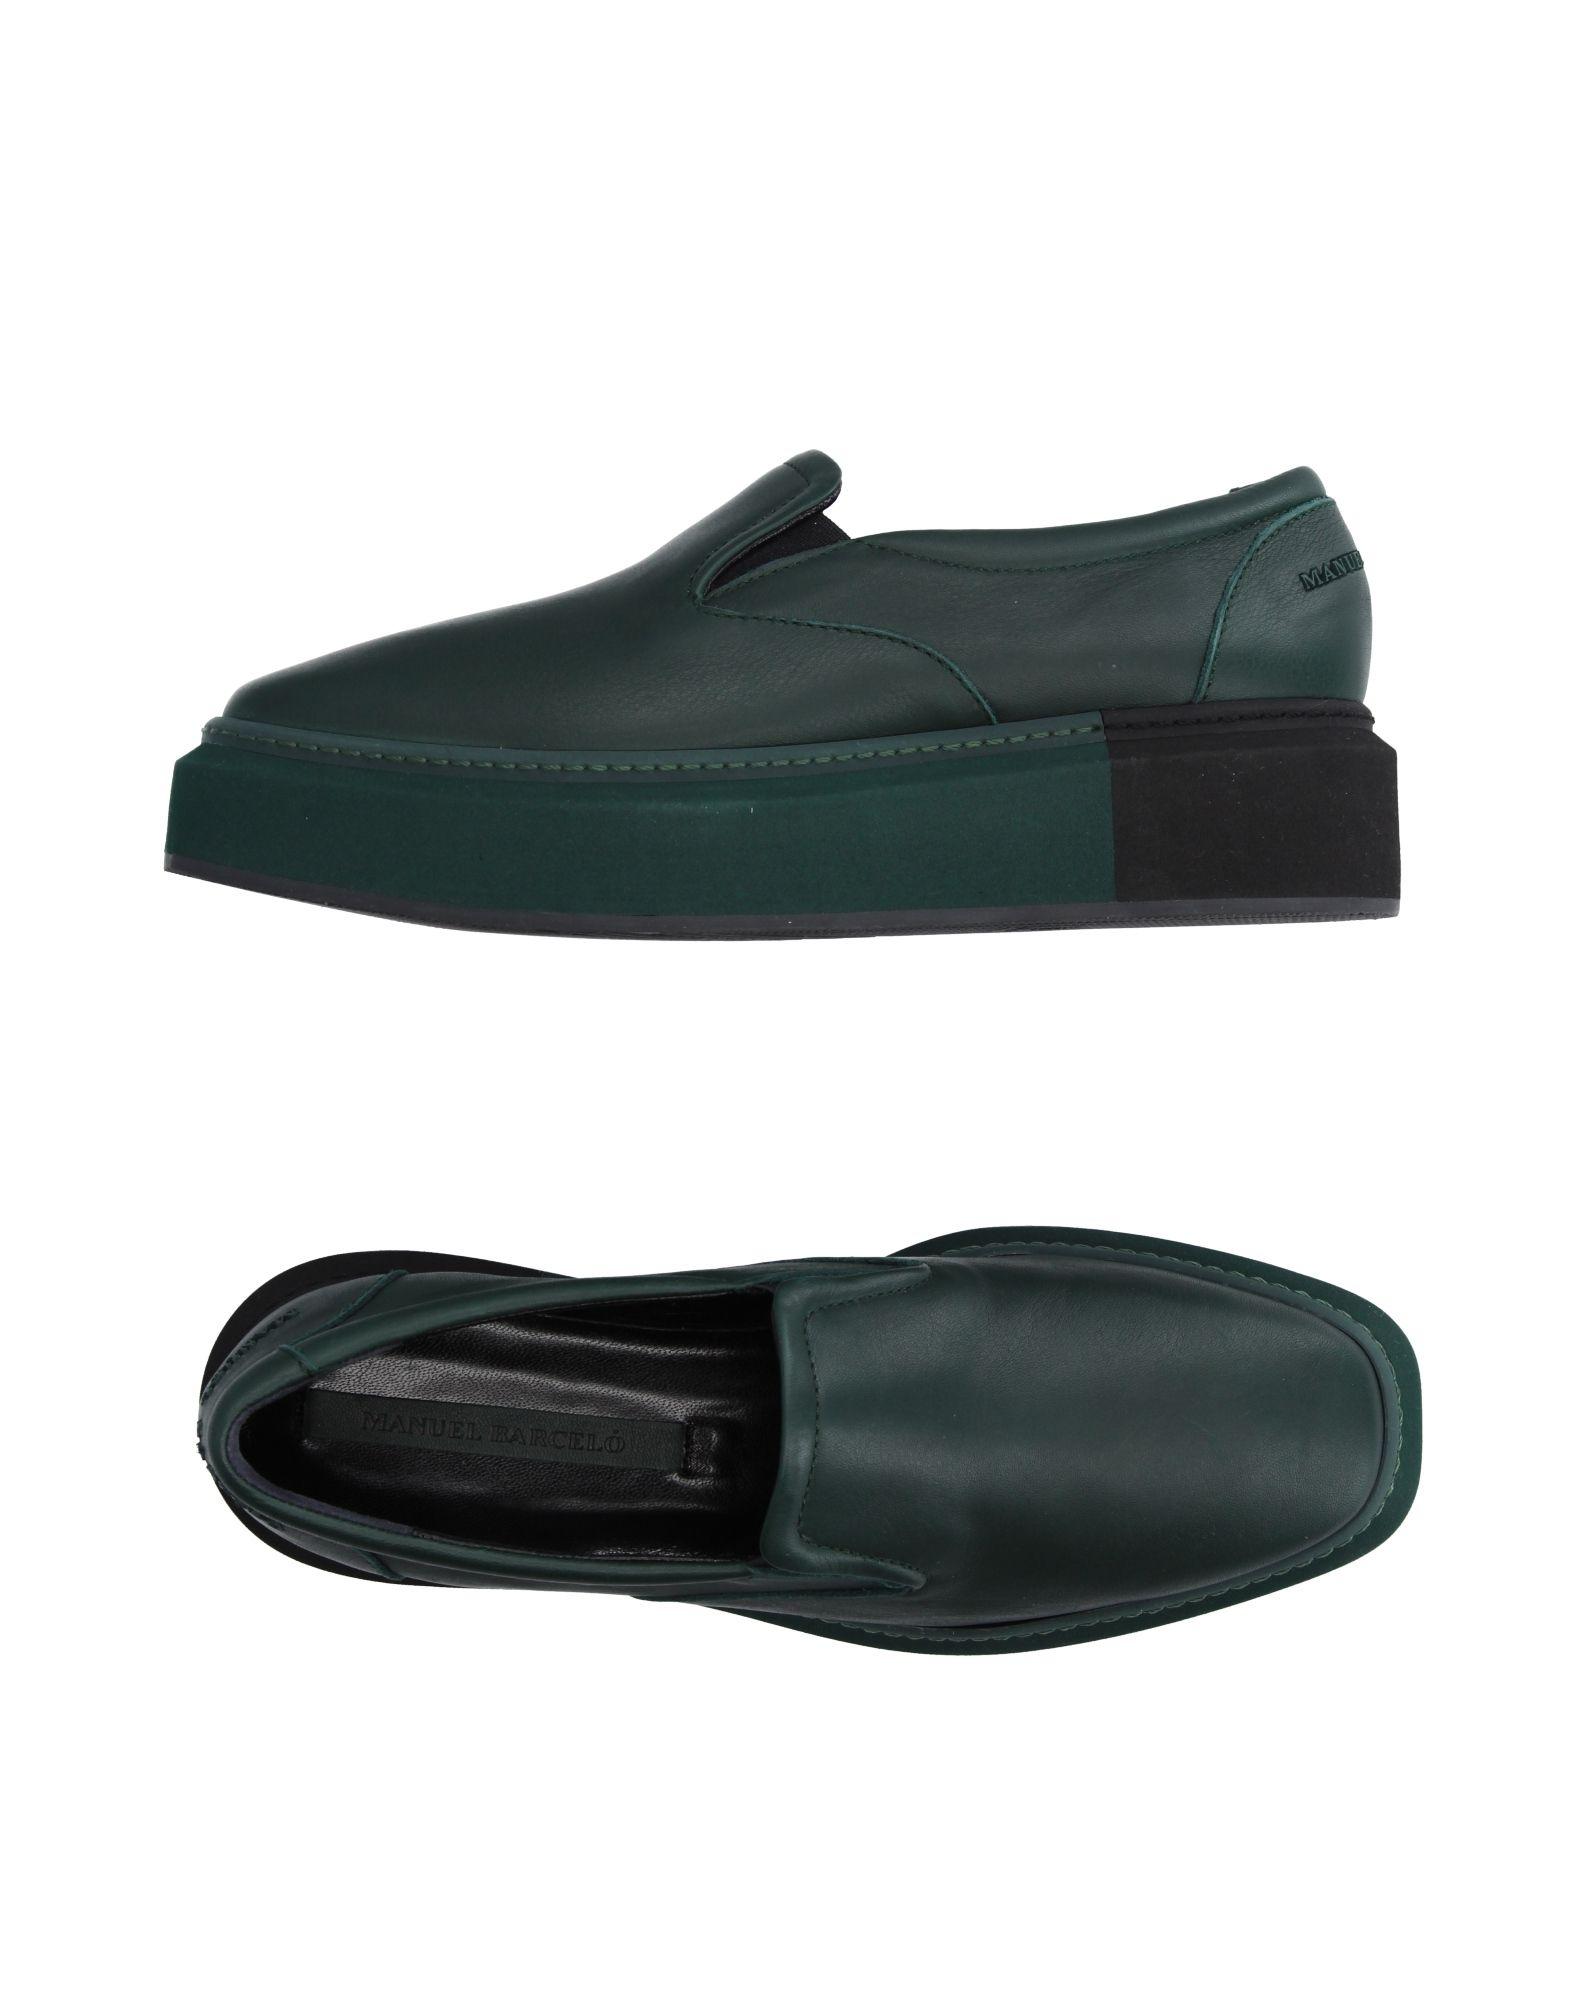 Gut um billige Schuhe zu  tragenManuel Barceló Mokassins Damen  zu 11215011MQ ecf185